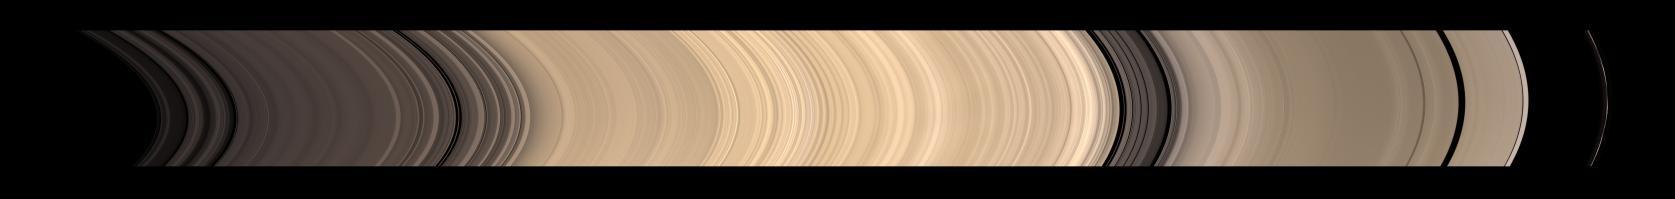 Nouvelle photo des anneaux de Saturne